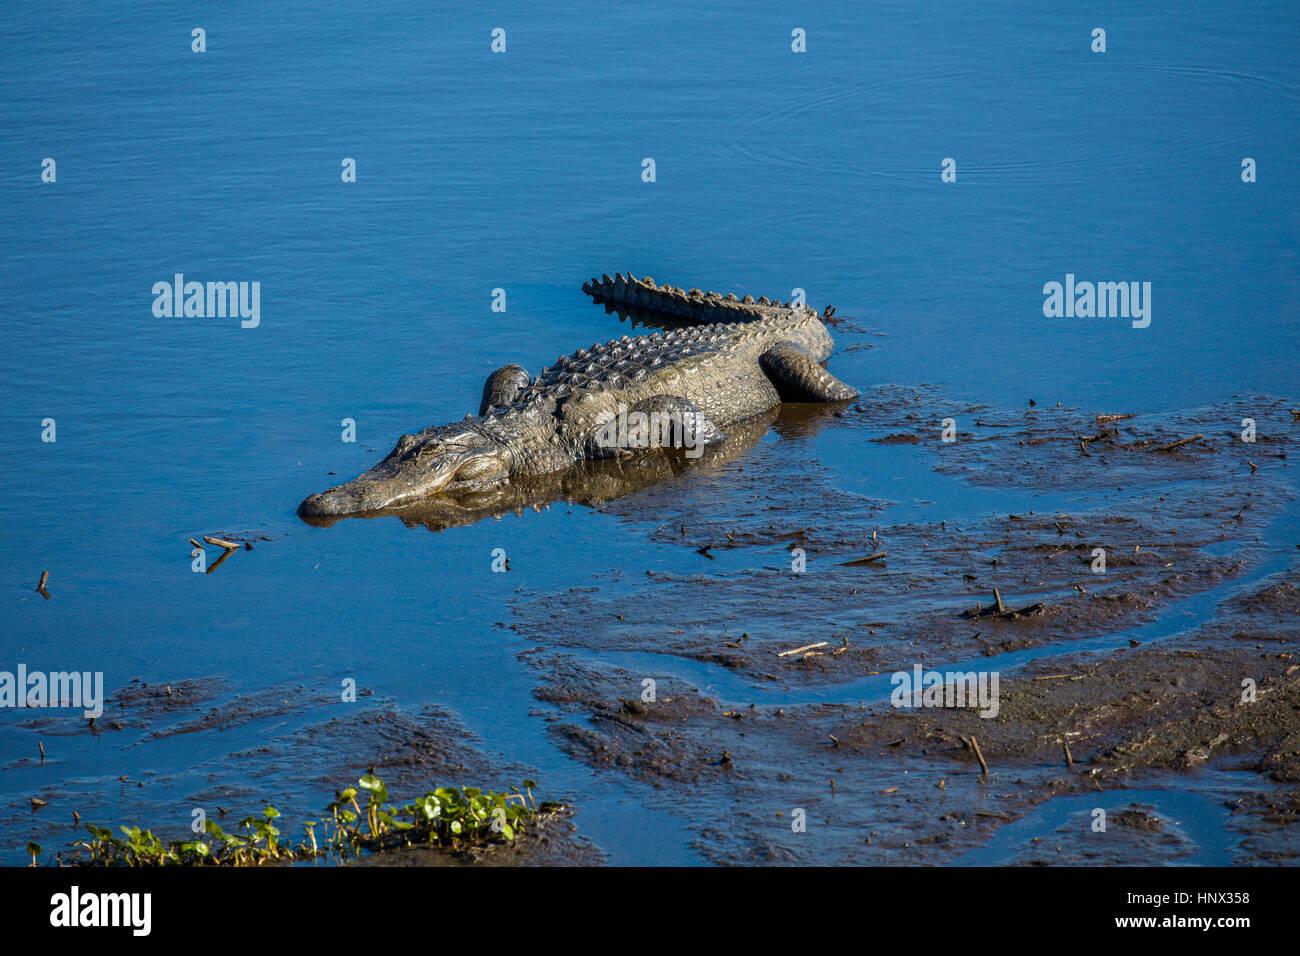 Krokodil auf dem La Chua Trail im Paynes Prairie zu wahren Zustand zu bewahren in Gainesville Florida Stockbild